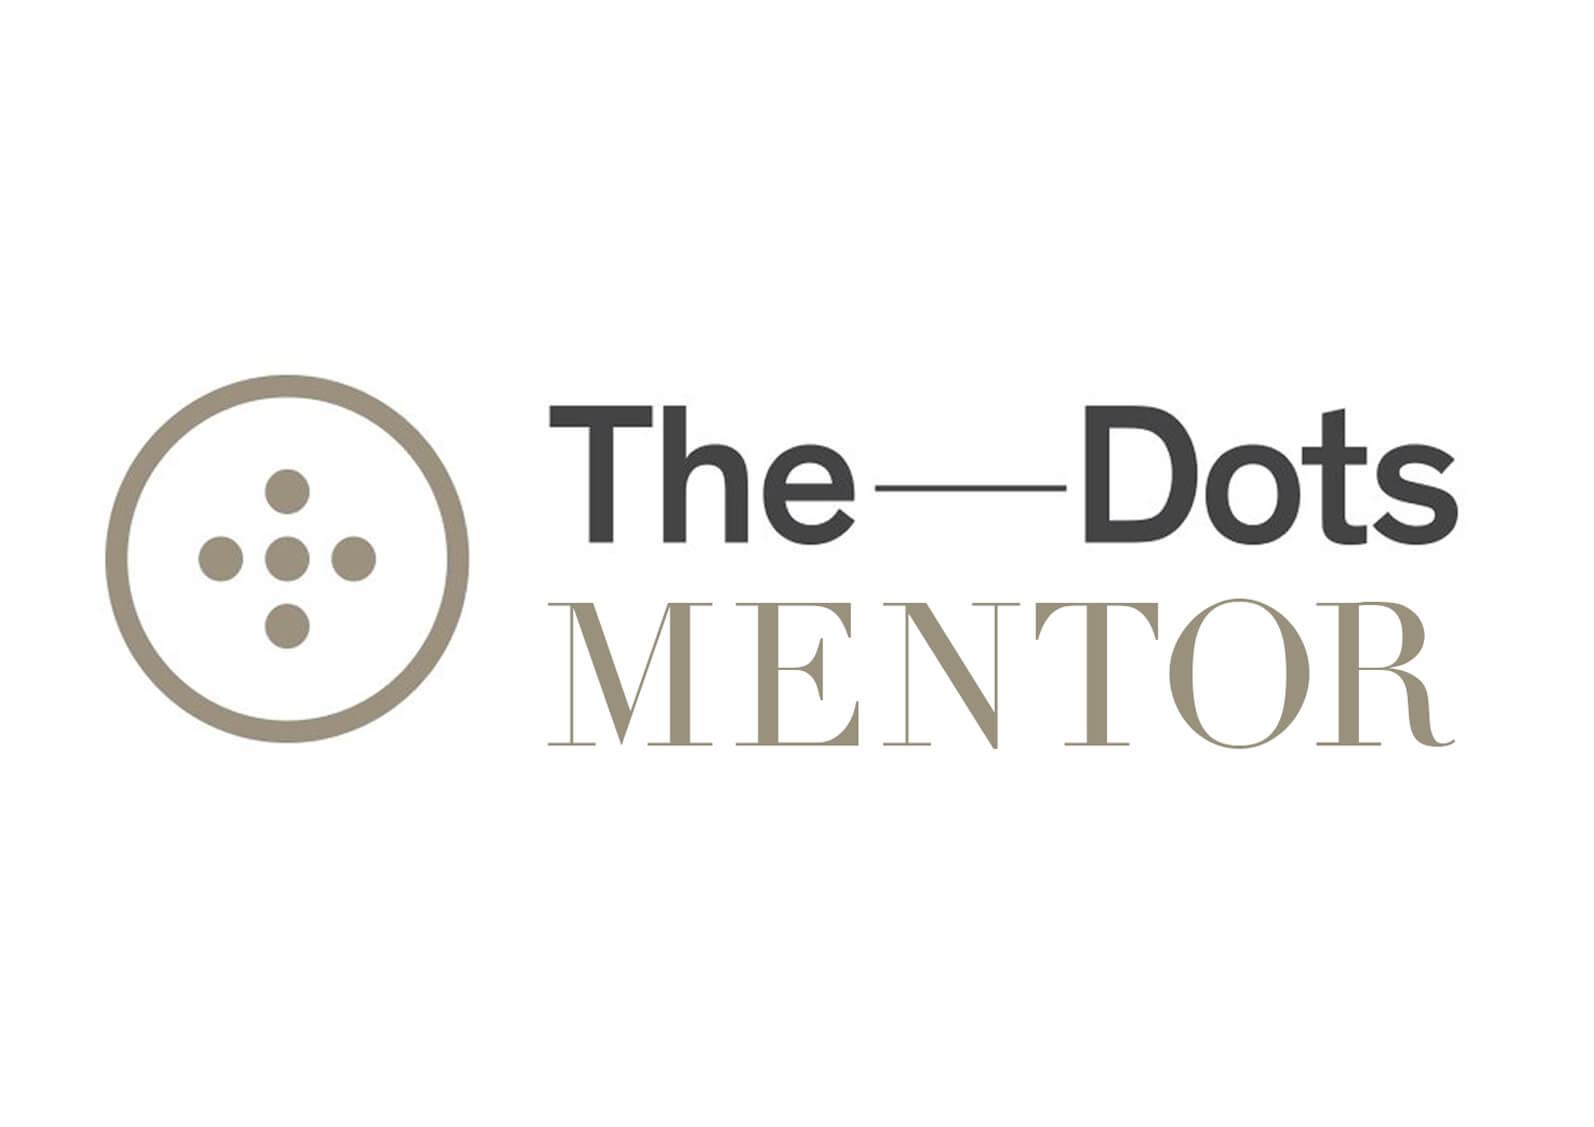 13_thedots mentoring